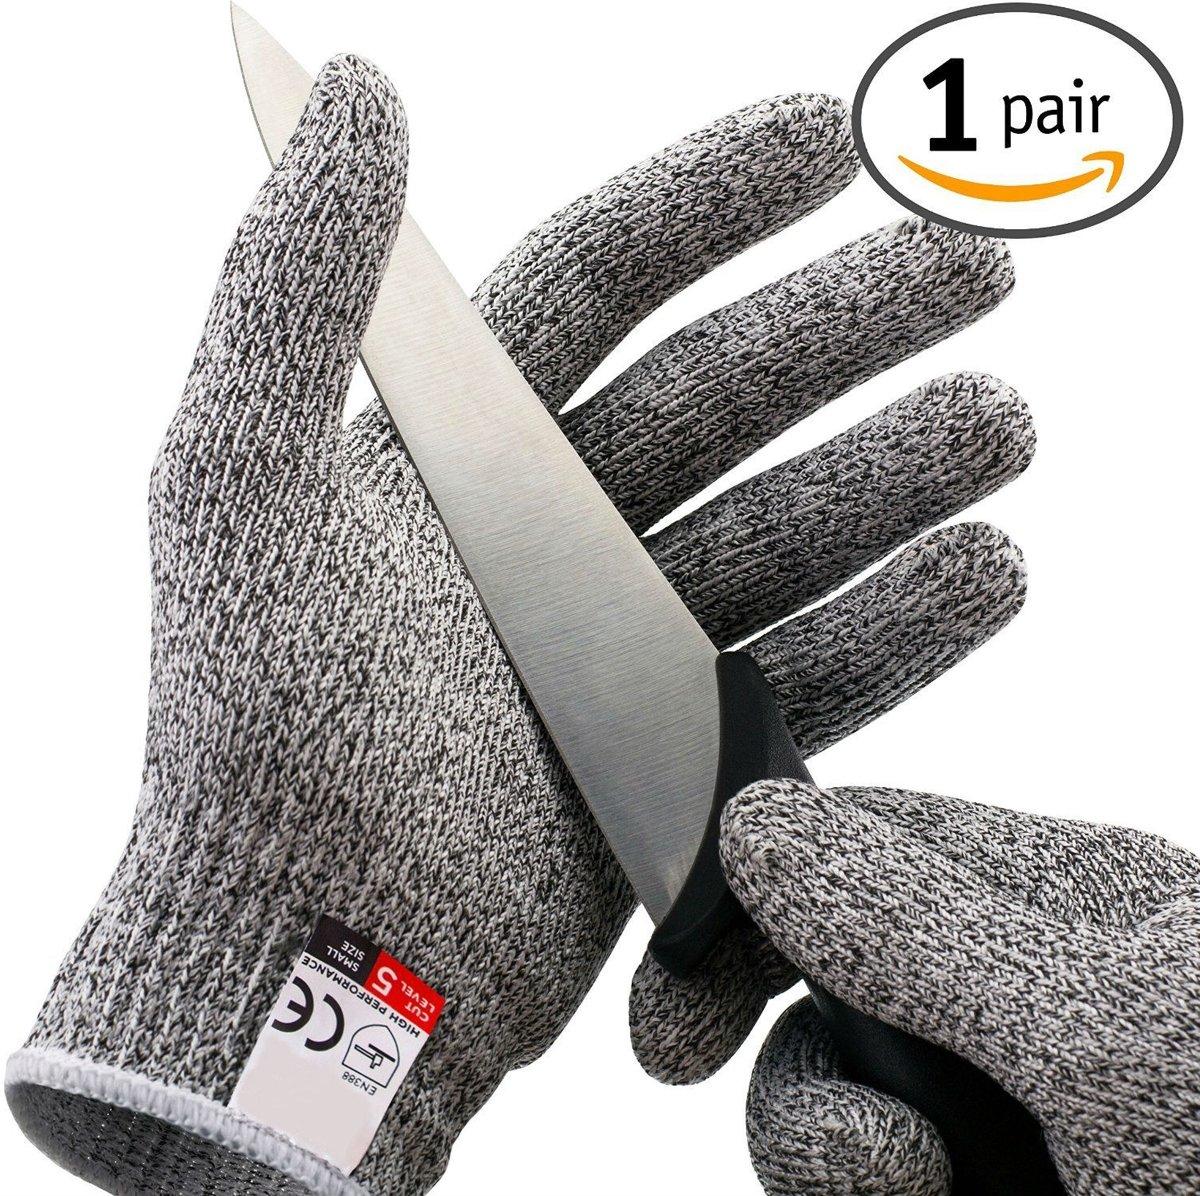 Snijwerende handschoenen - Cut Resistant BÖR Gloves - CE gecertifieerd